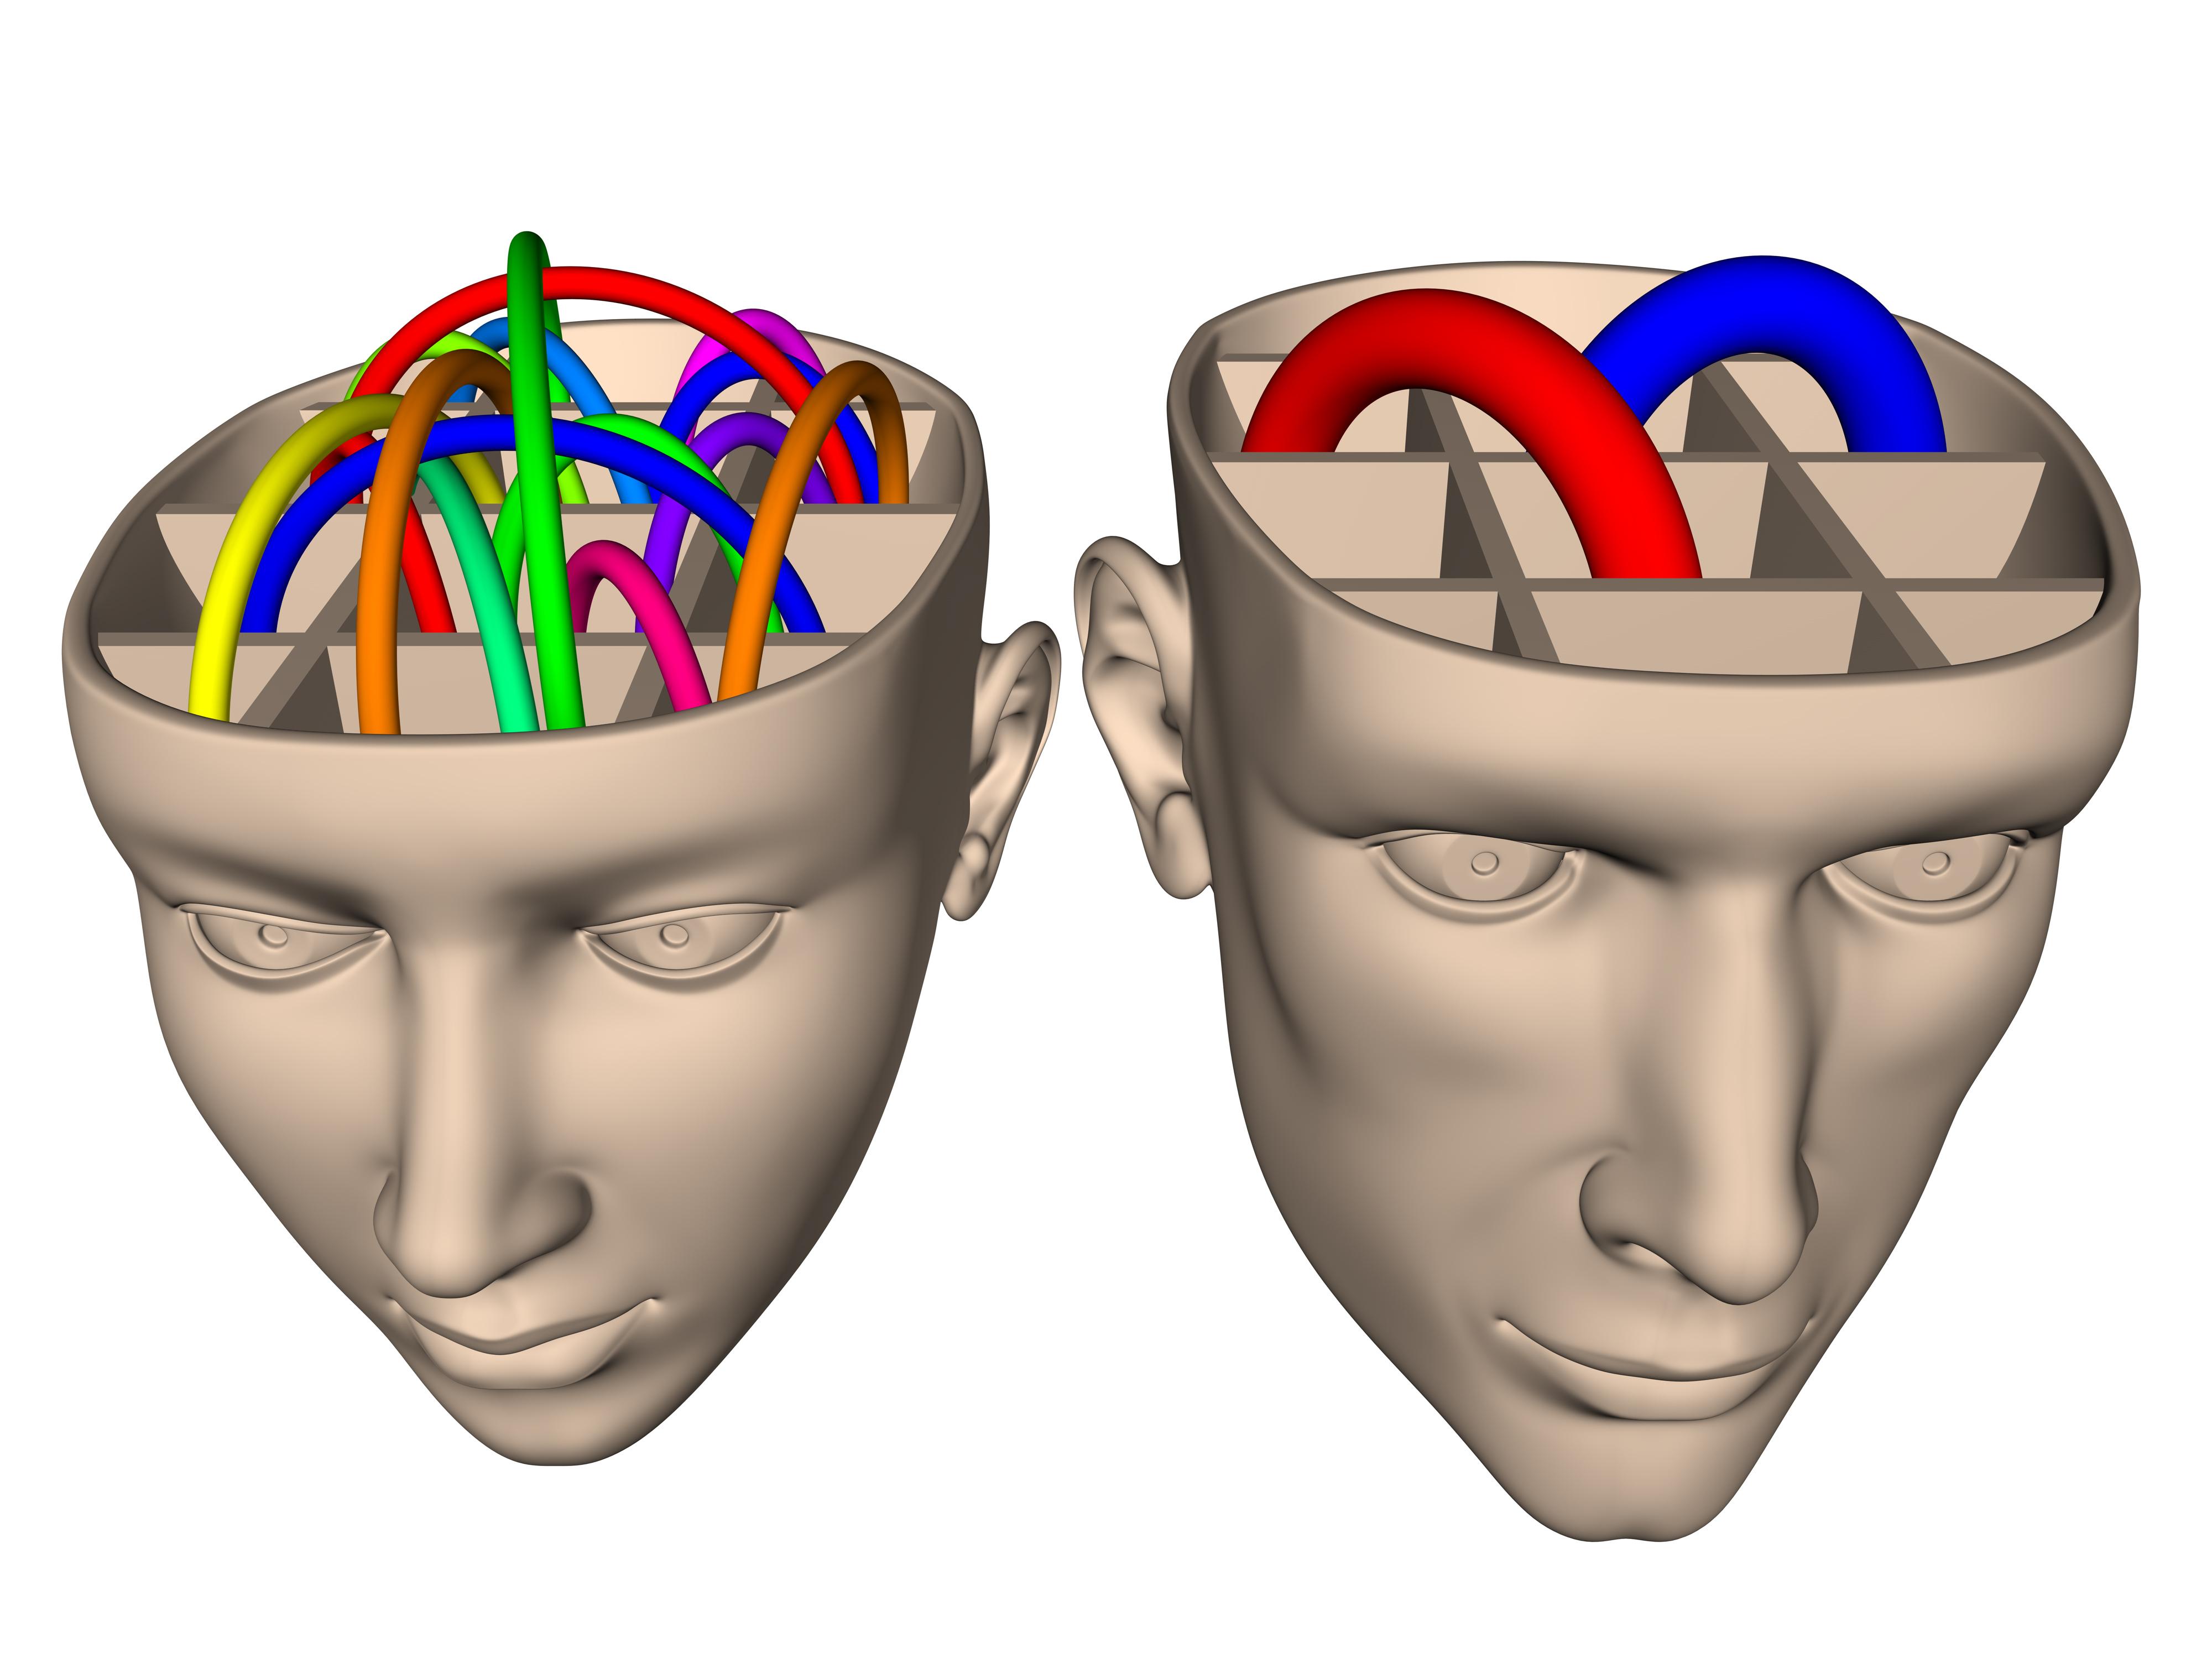 секс развивает интеллект-гр1